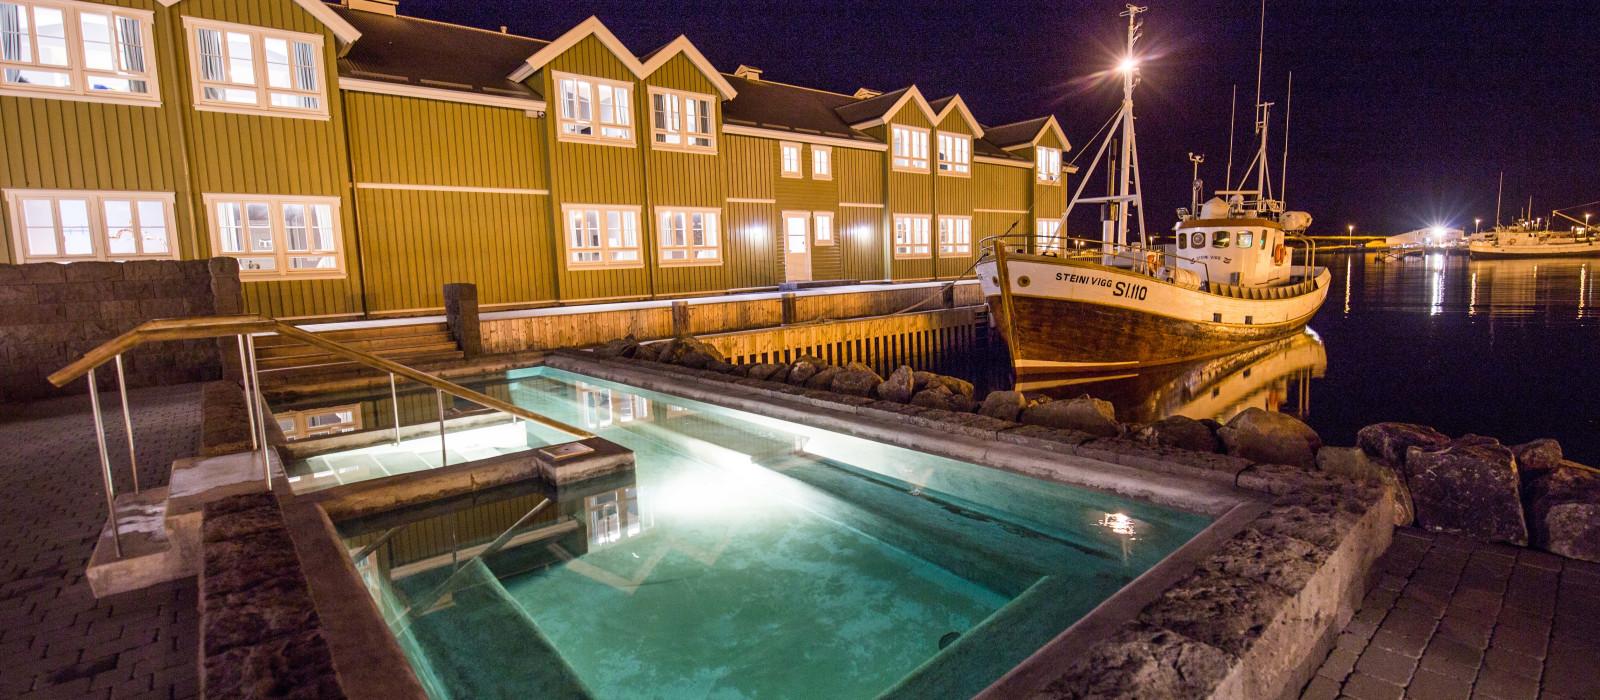 Hotel Sigló Hótel (Siglufjörður) Iceland